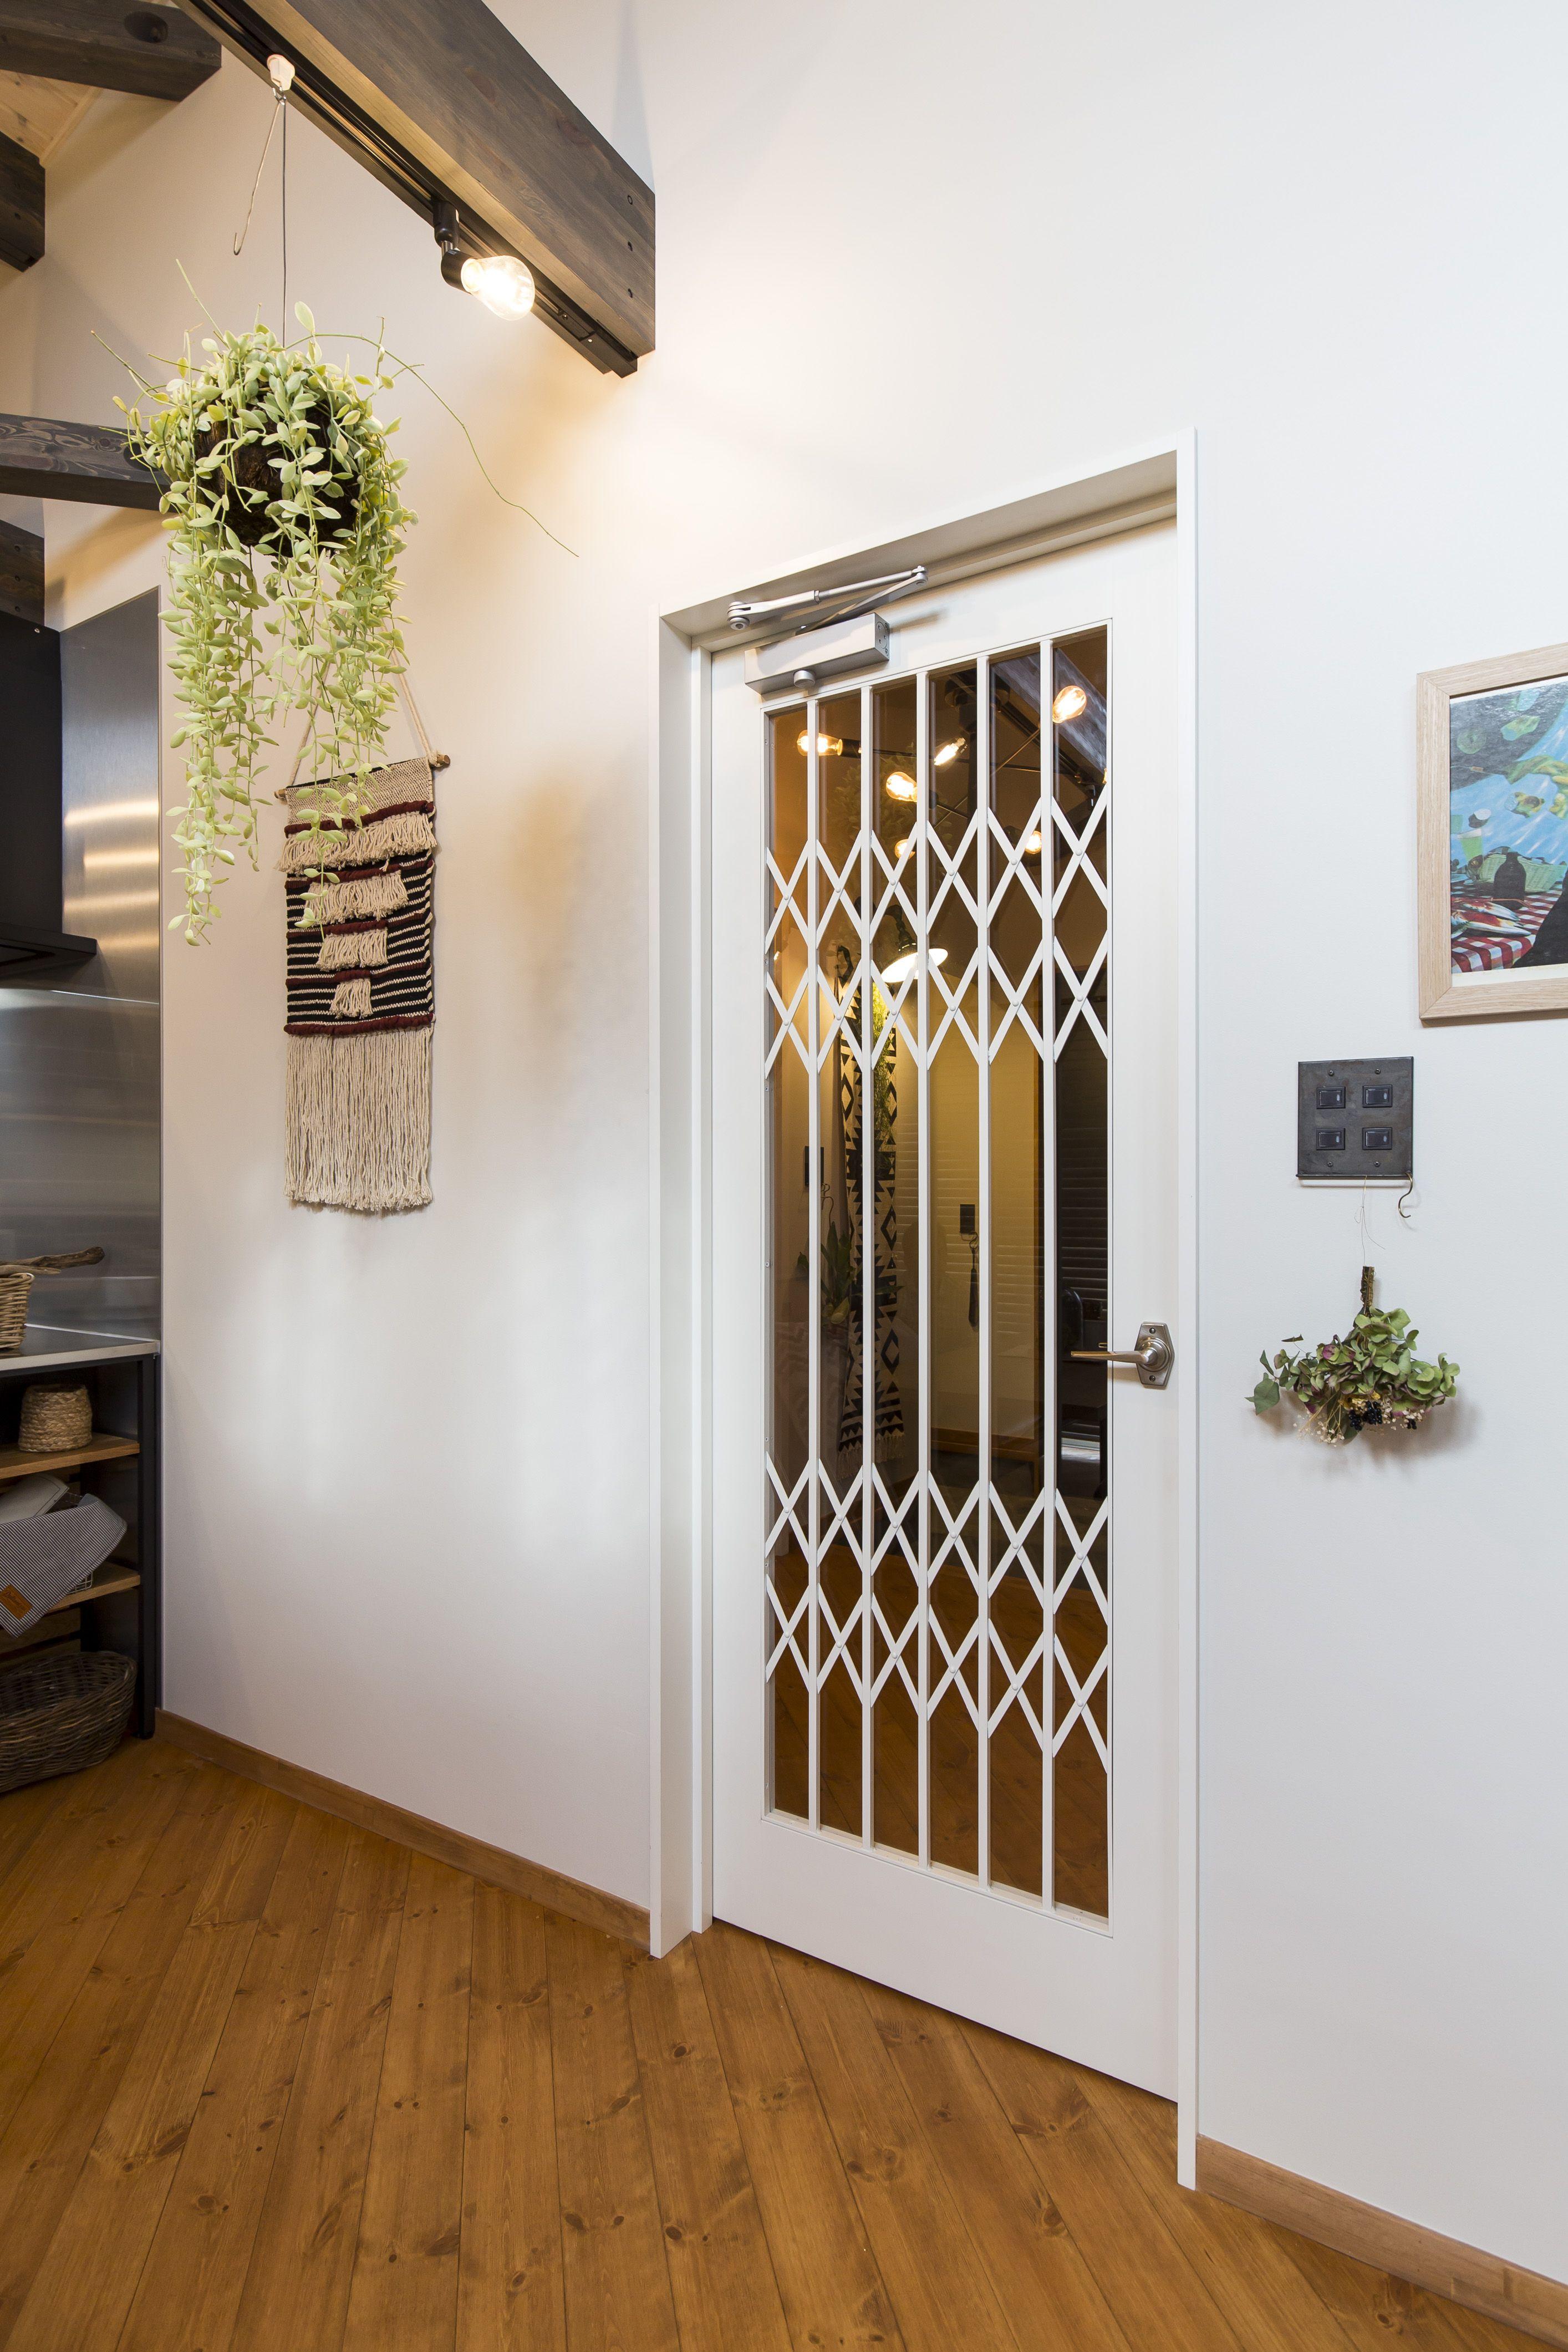 室内ドア インテリア実例 Bino Bino Camp 中塚組 リビング ドア ドア 扉 おしゃれ 壁紙 クロス 白い壁 白い ドア 片開き かわいい かっこいい 観葉植物 ドライフラワー 家 おしゃれな家 室内ドア